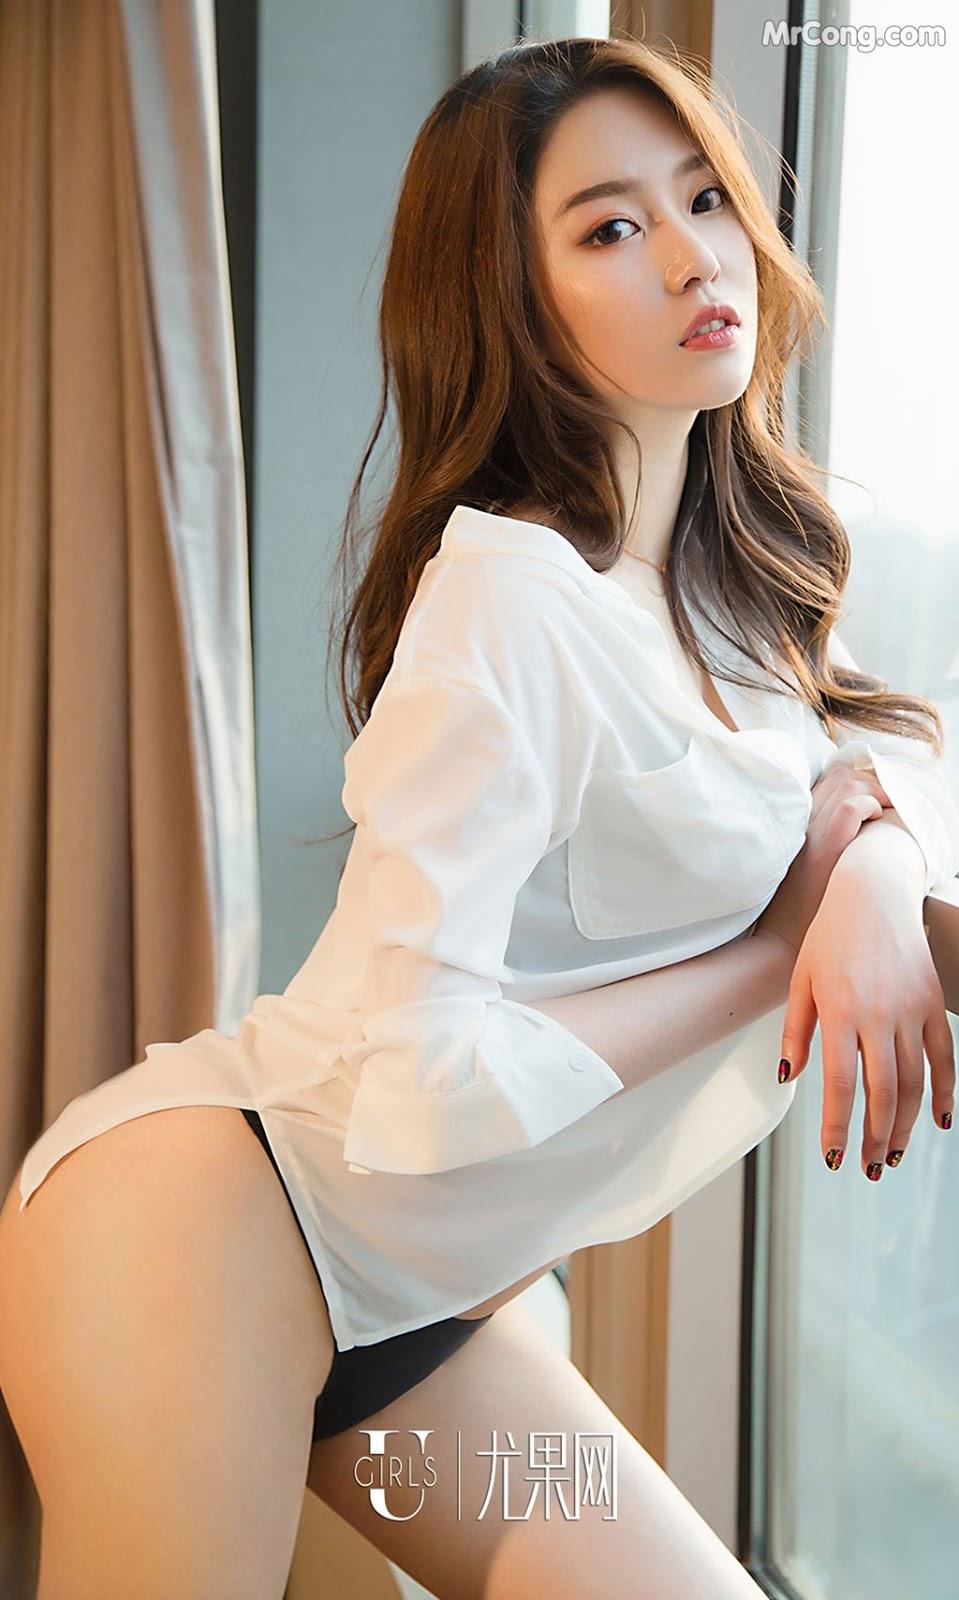 Image UGIRLS-Ai-You-Wu-App-No.1355-Zhong-Qing-MrCong.com-006 in post UGIRLS – Ai You Wu App No.1355: Người mẫu Zhong Qing (钟晴) (35 ảnh)